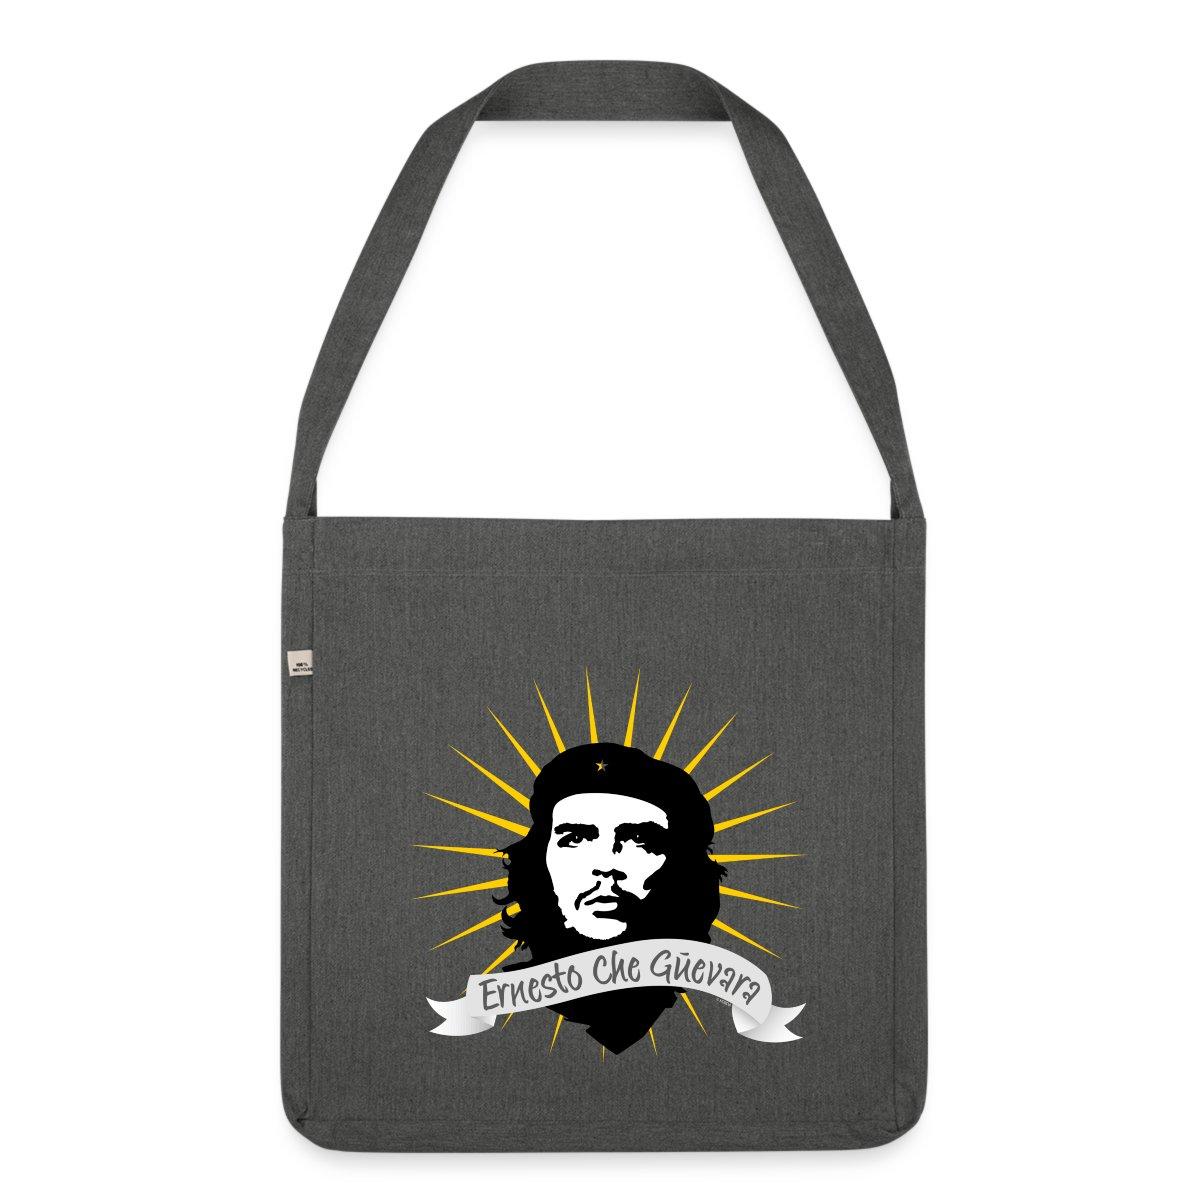 Che-Guevara-Strahlen-Mythos-Ikone-Schultertasche-aus-Recycling-Material-von